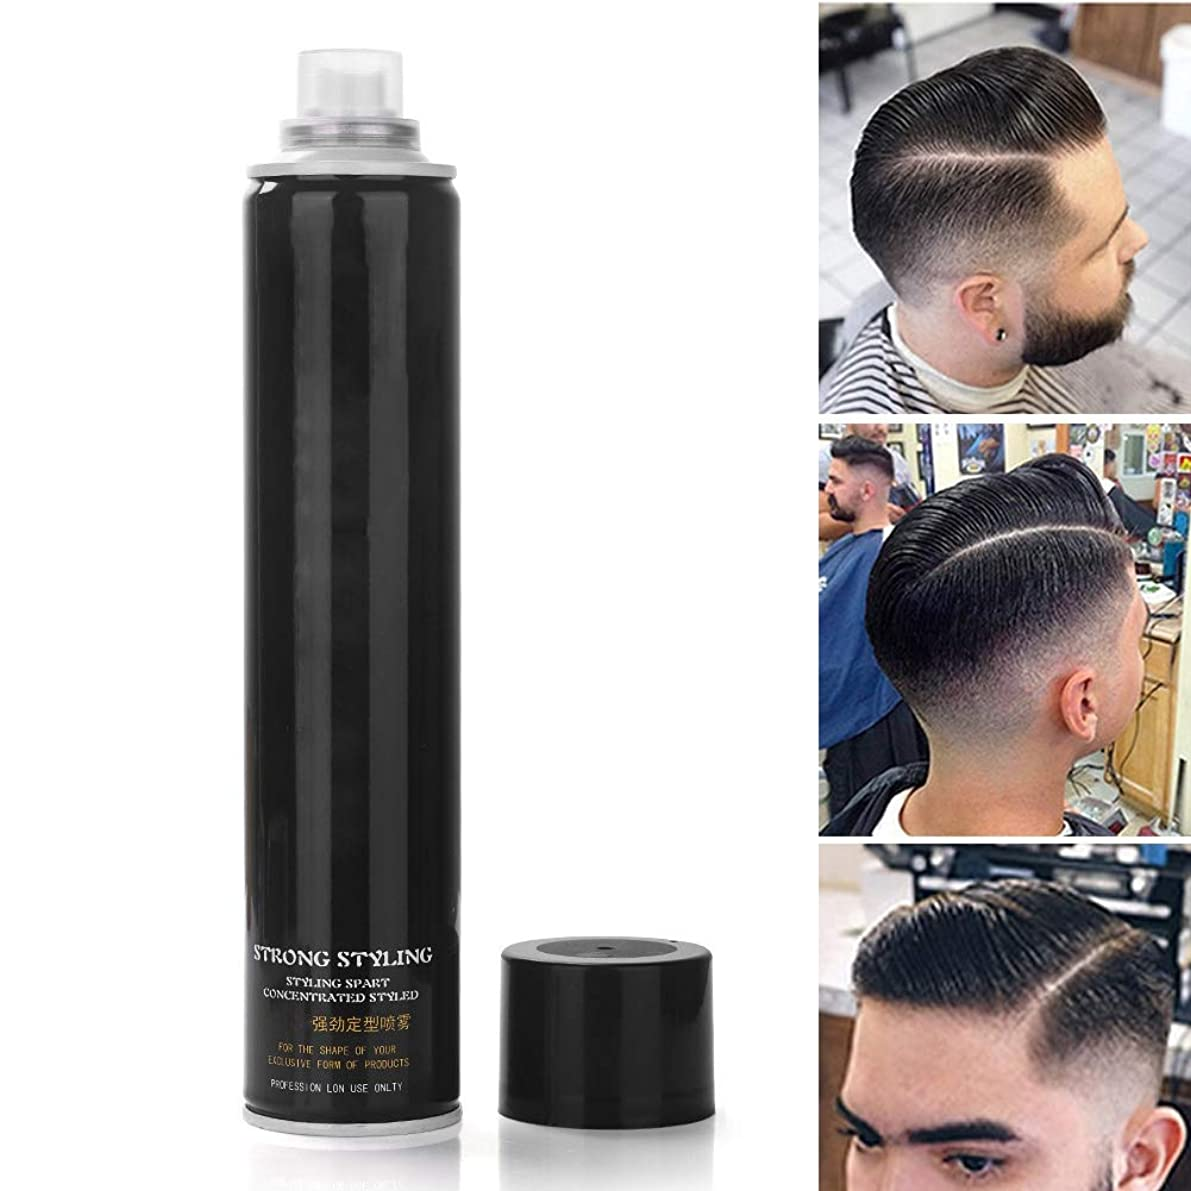 ヨーロッパ破壊的泥男性と女性のためのあなたの髪のスタイルを保護しながら、長持ちする強力なホールドのためのスプレーを修正、強いホールドヘアスプレースタイルの修正スプレー